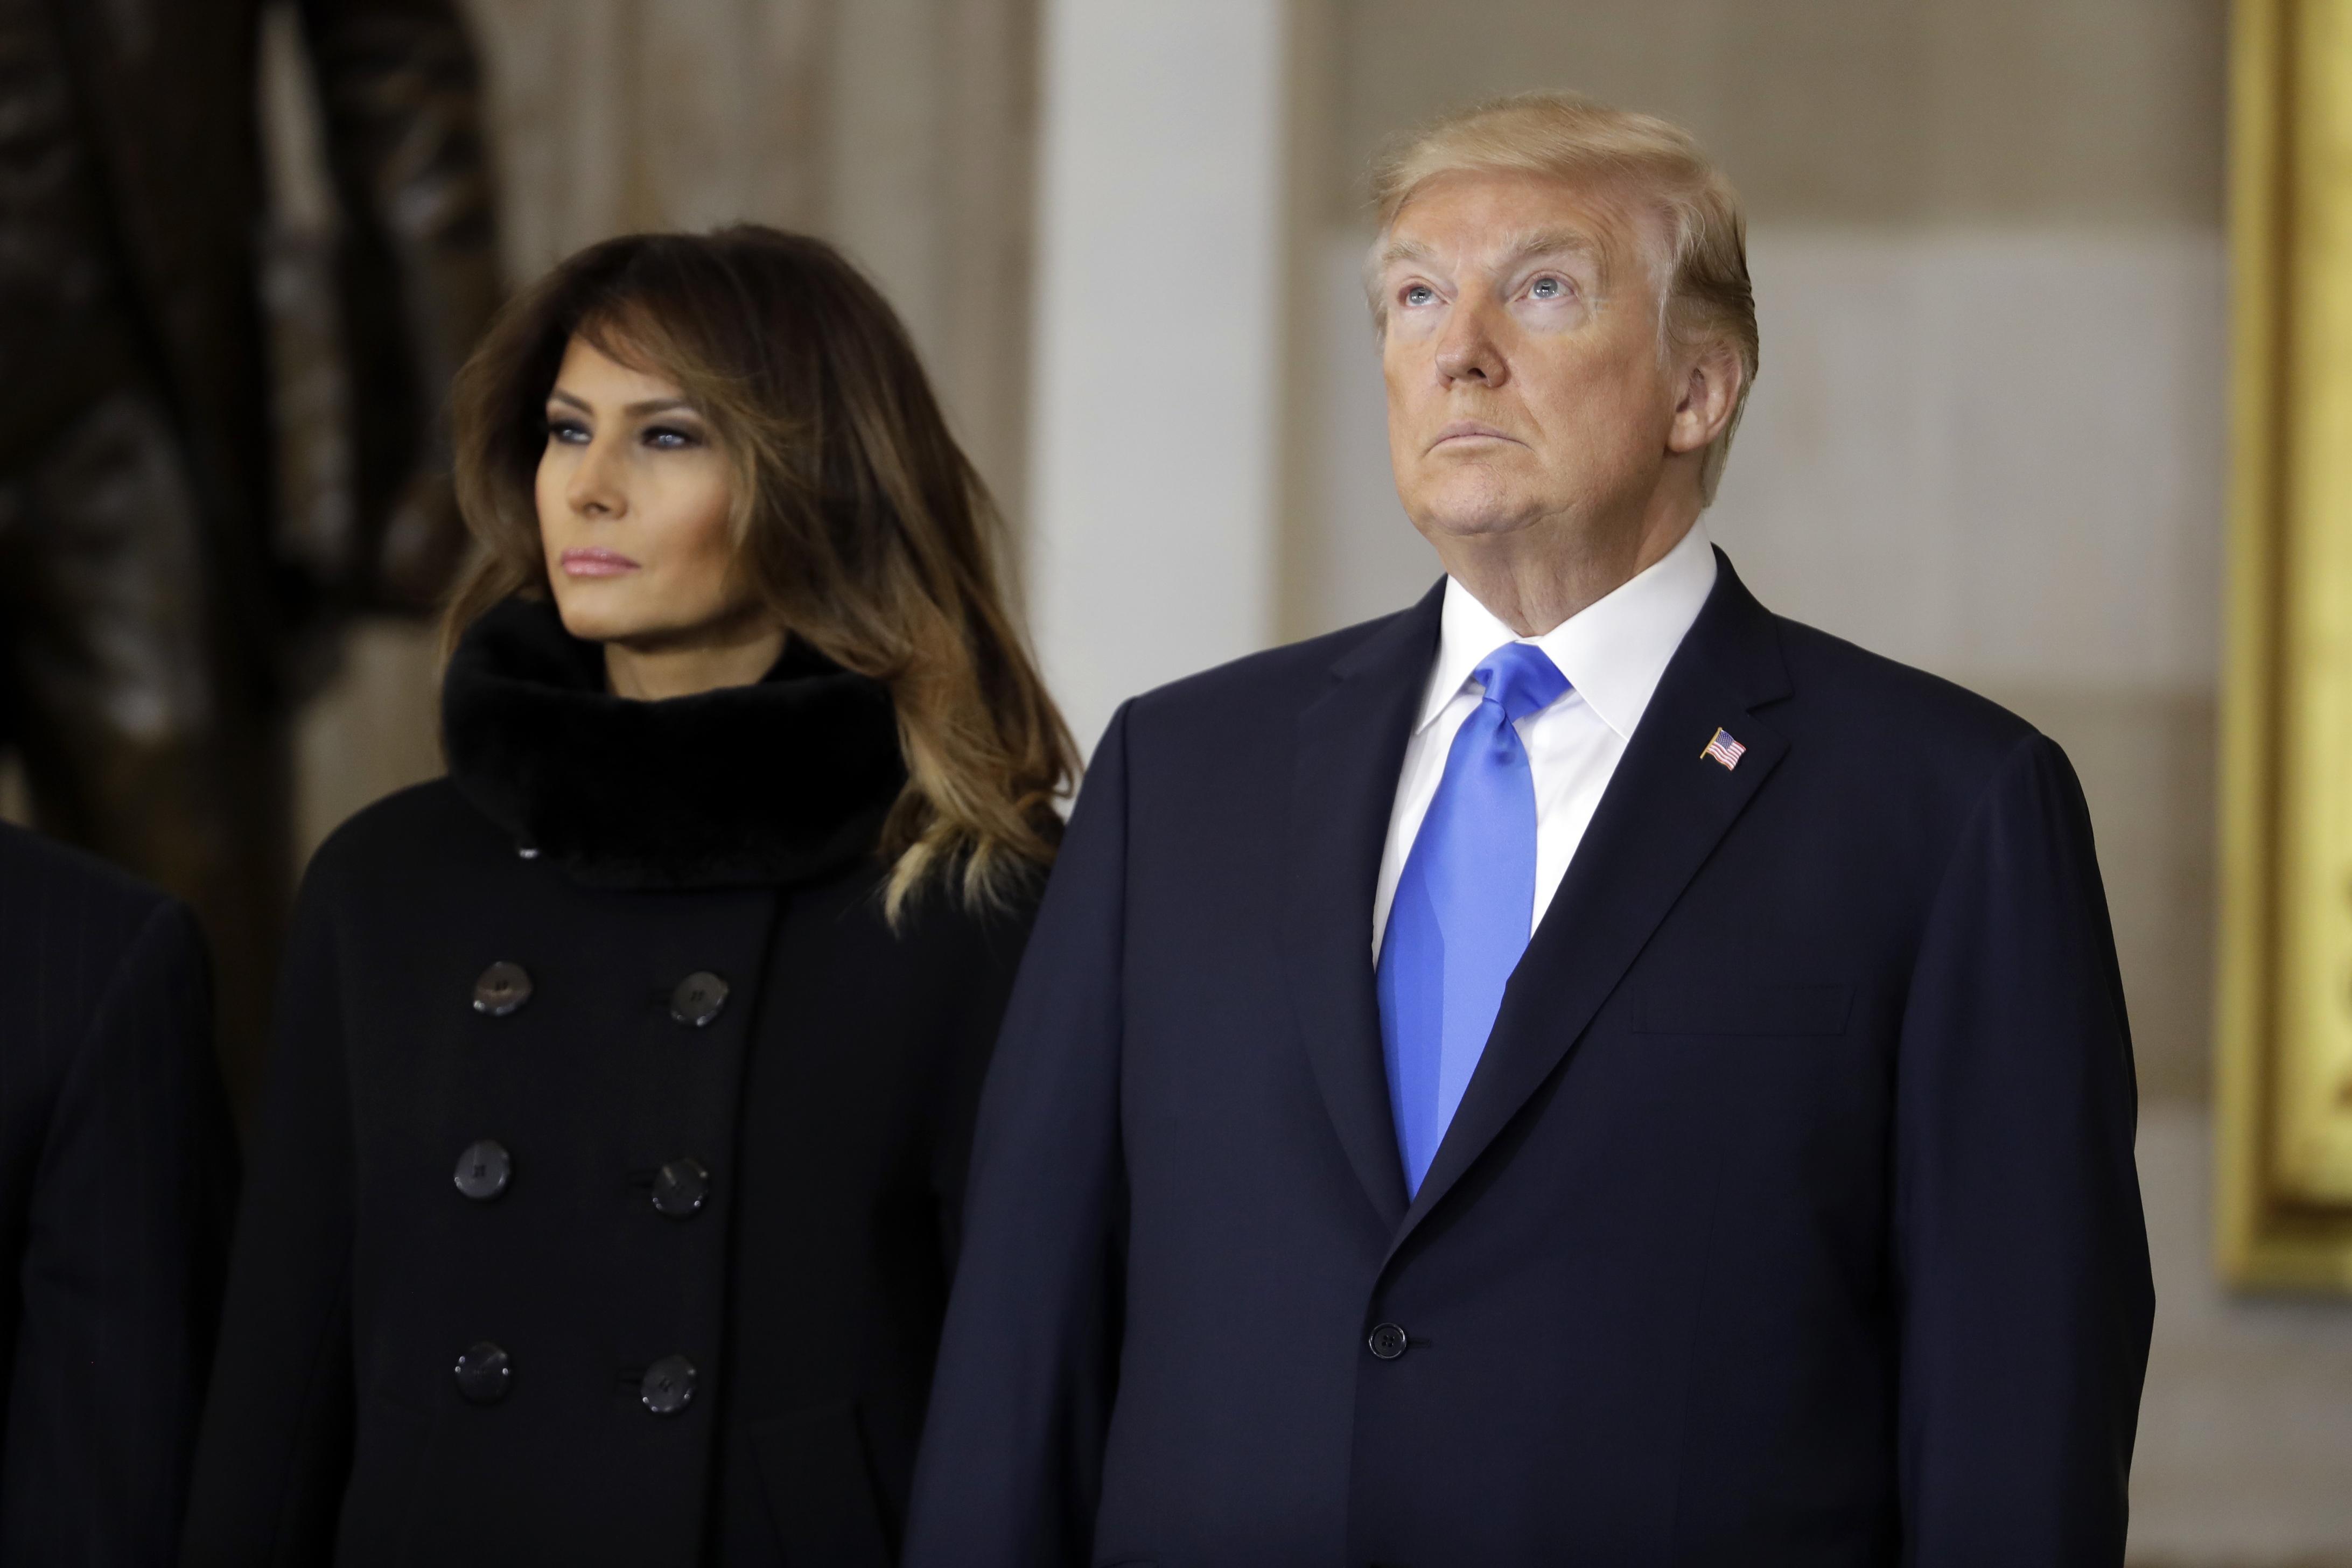 Trump e la moglie Melania separati in Casa Bianca: le rivelazioni del Washington Post